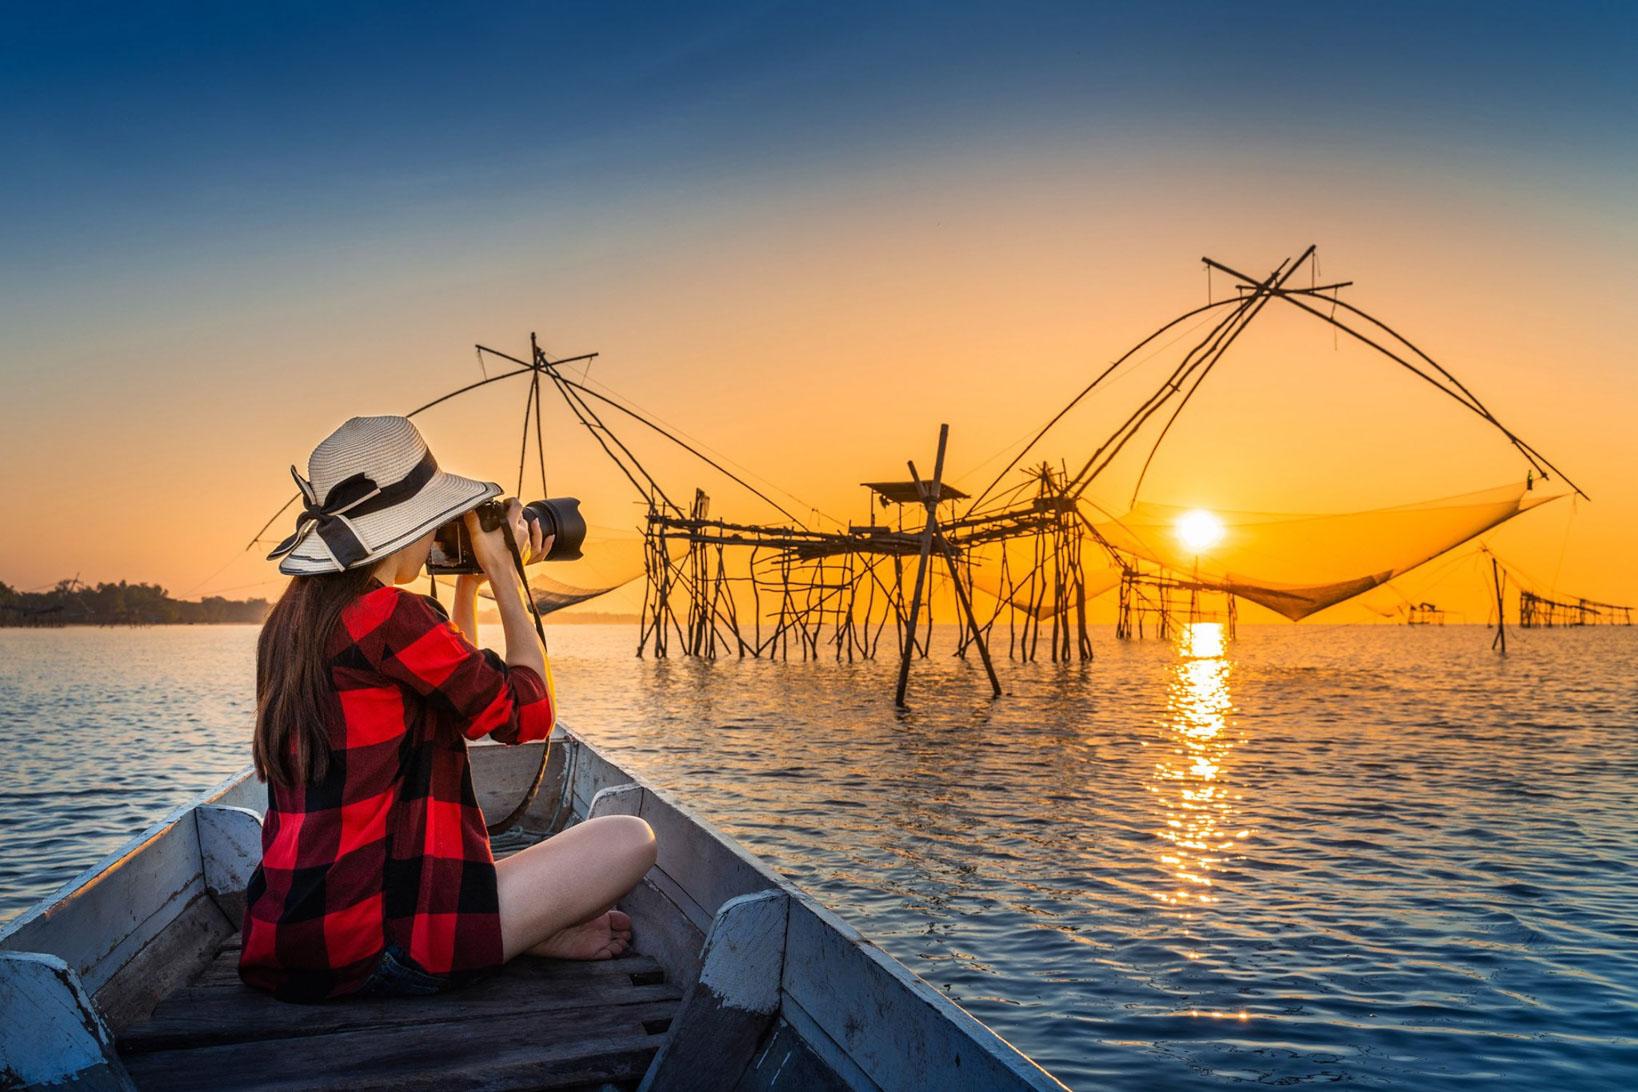 ล่องเรือถ่ายรูปสวยๆ ที่เที่ยว,ที่พัก,พัทลุง,การท่องเที่ยว,ประเทศไทย,วิถีชีวิต,ชุมชน,ดริฟท์กาแฟ